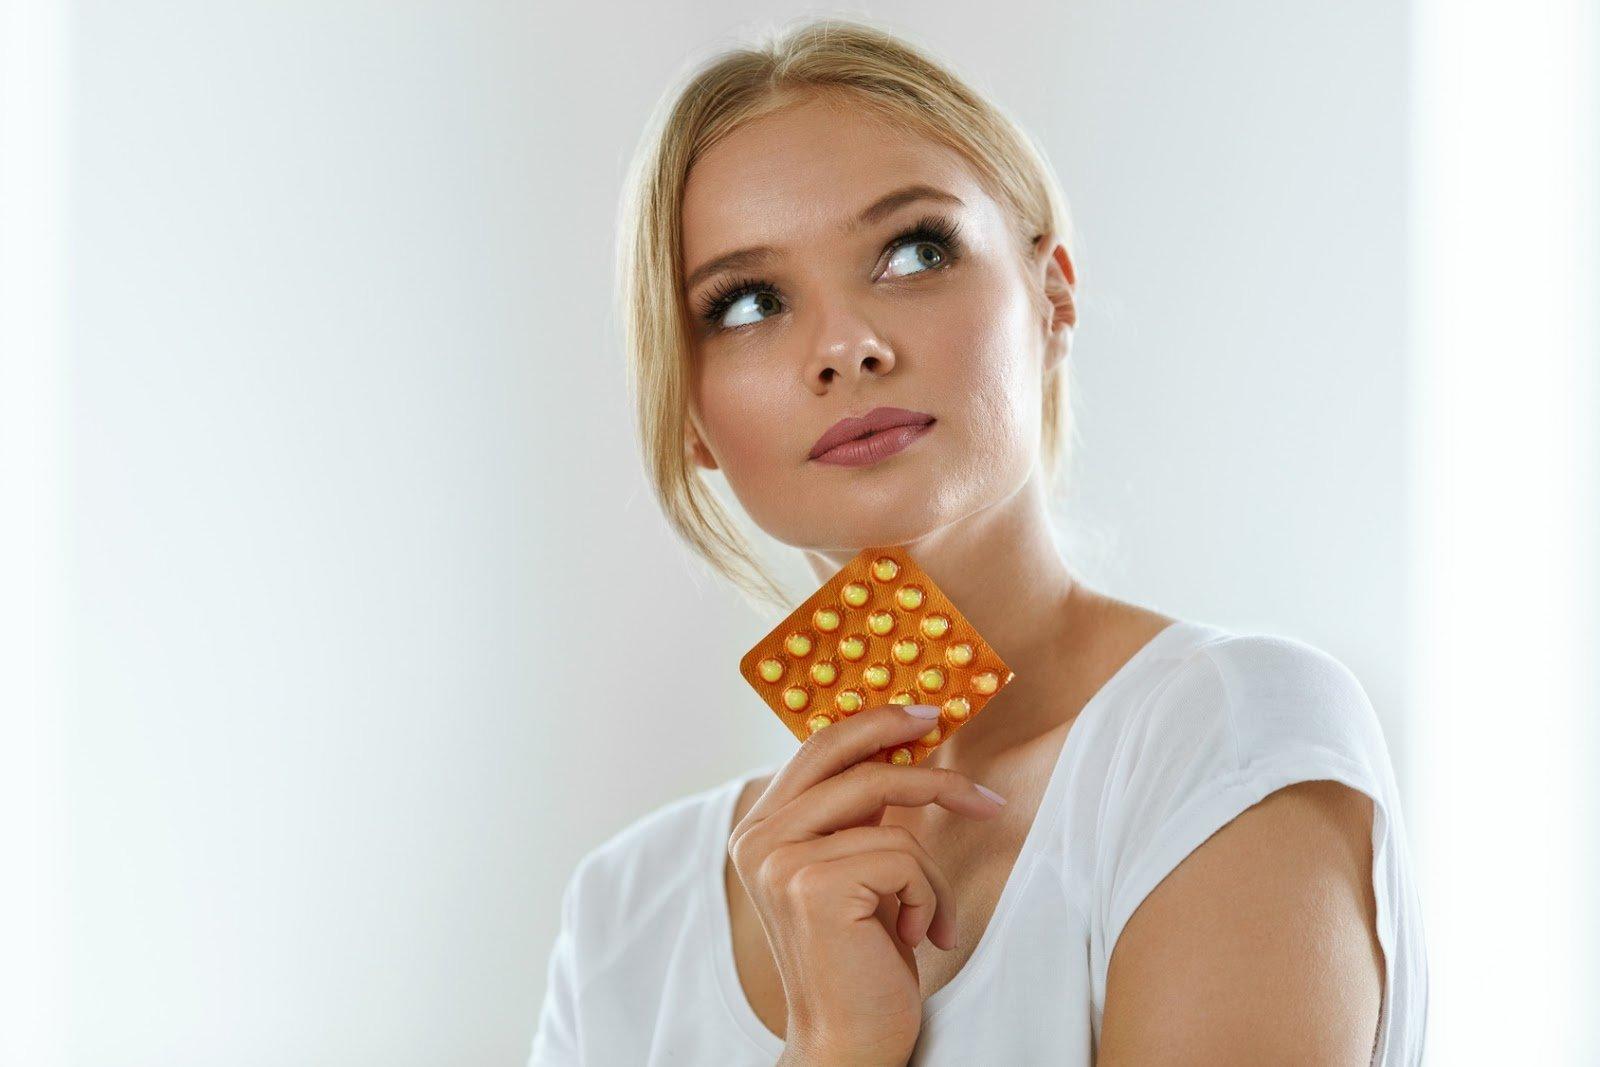 Молочные железы: как женщине сохранить их здоровье и красоту